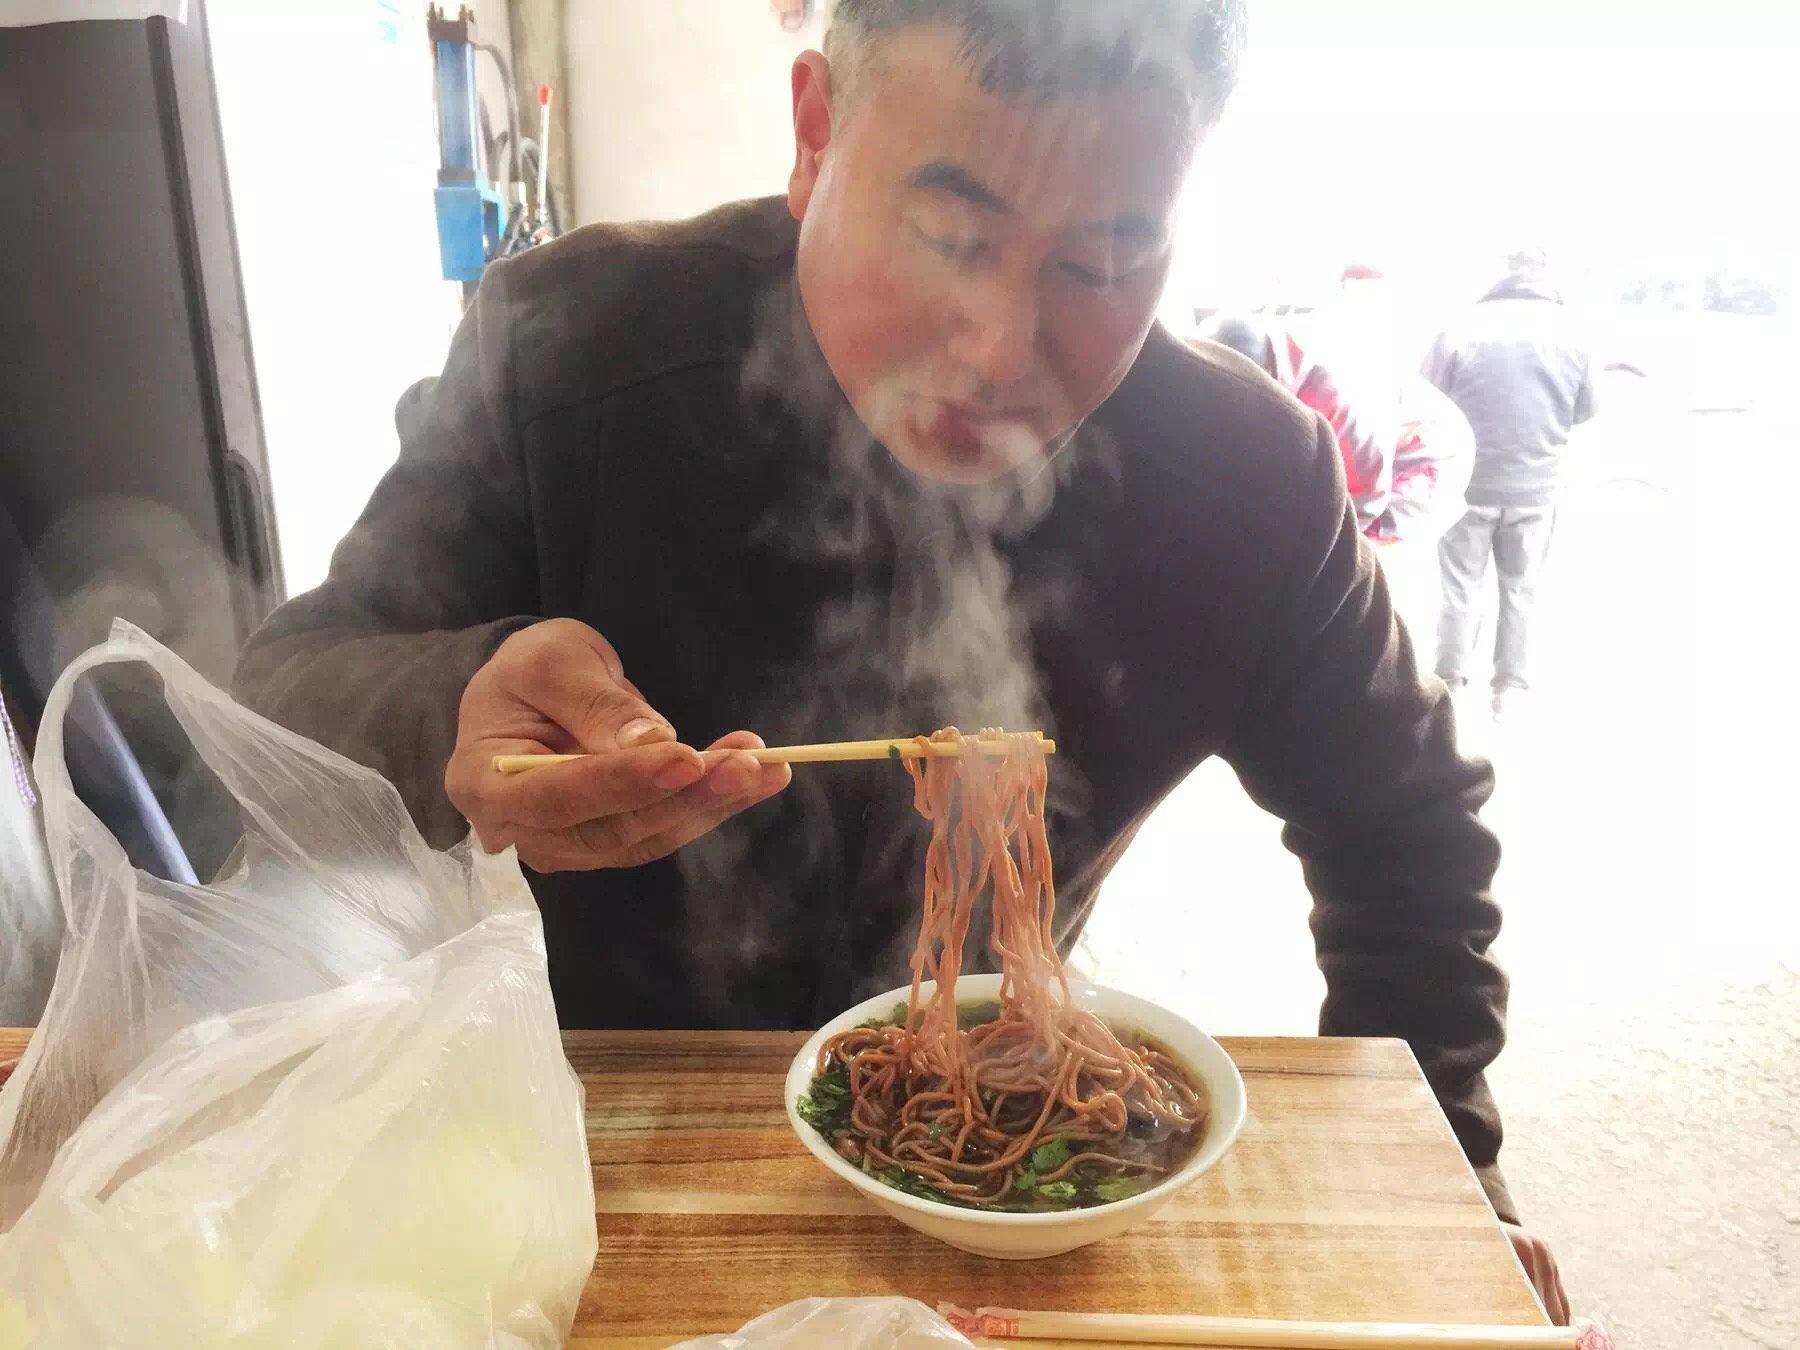 在魏县这碗面加入榆皮要卖四块钱,而美食好吃好不关于调查报告的图片